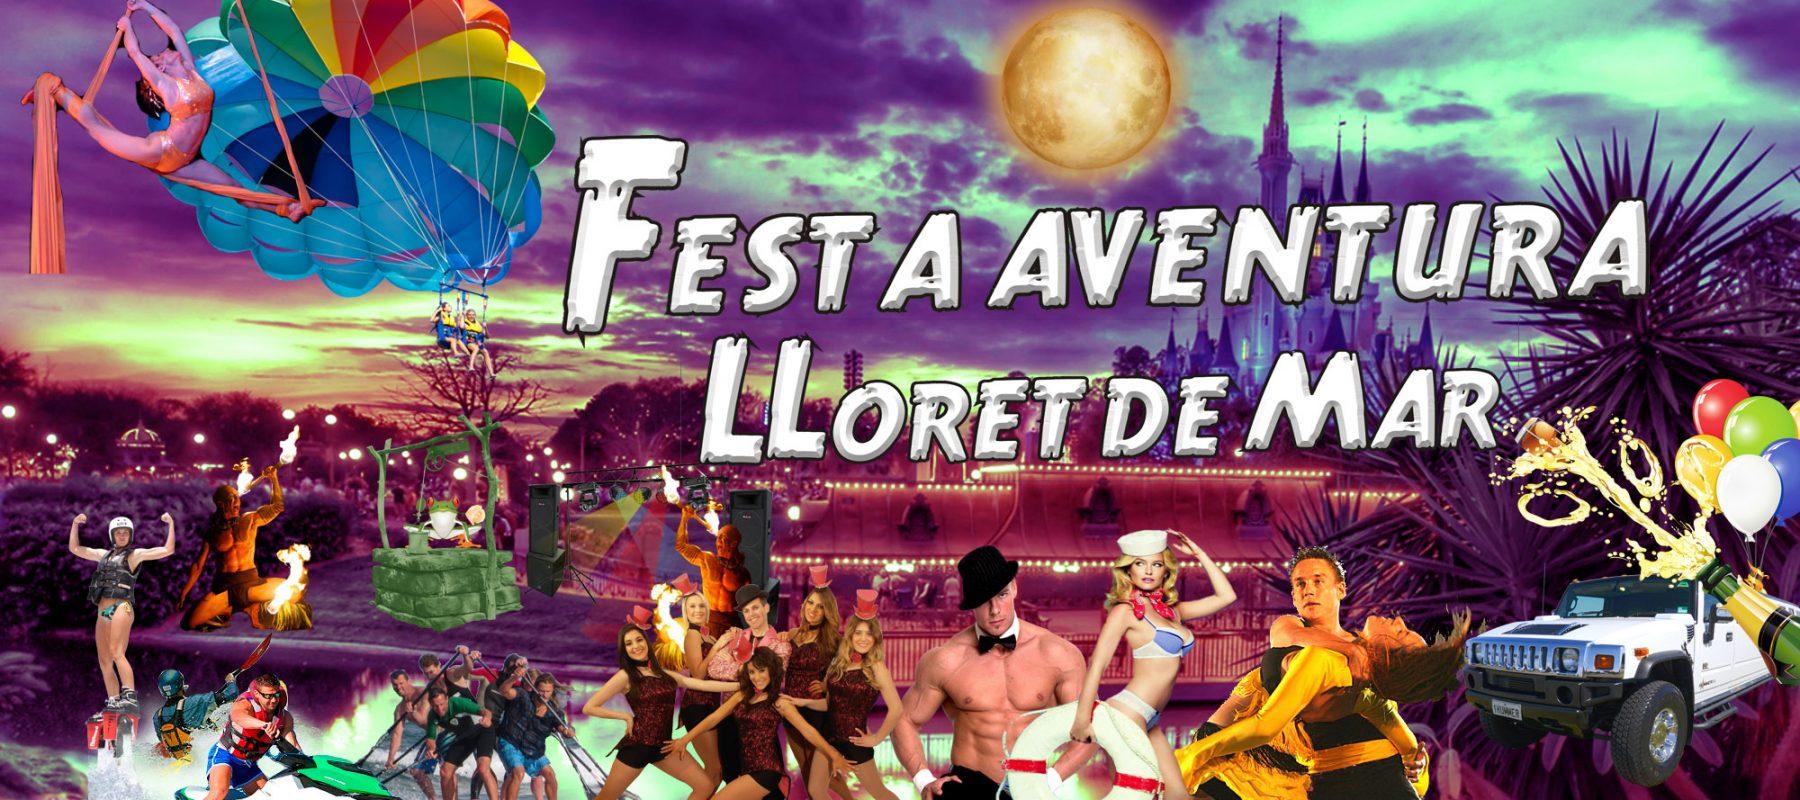 Festa Aventura Lloret de Mar